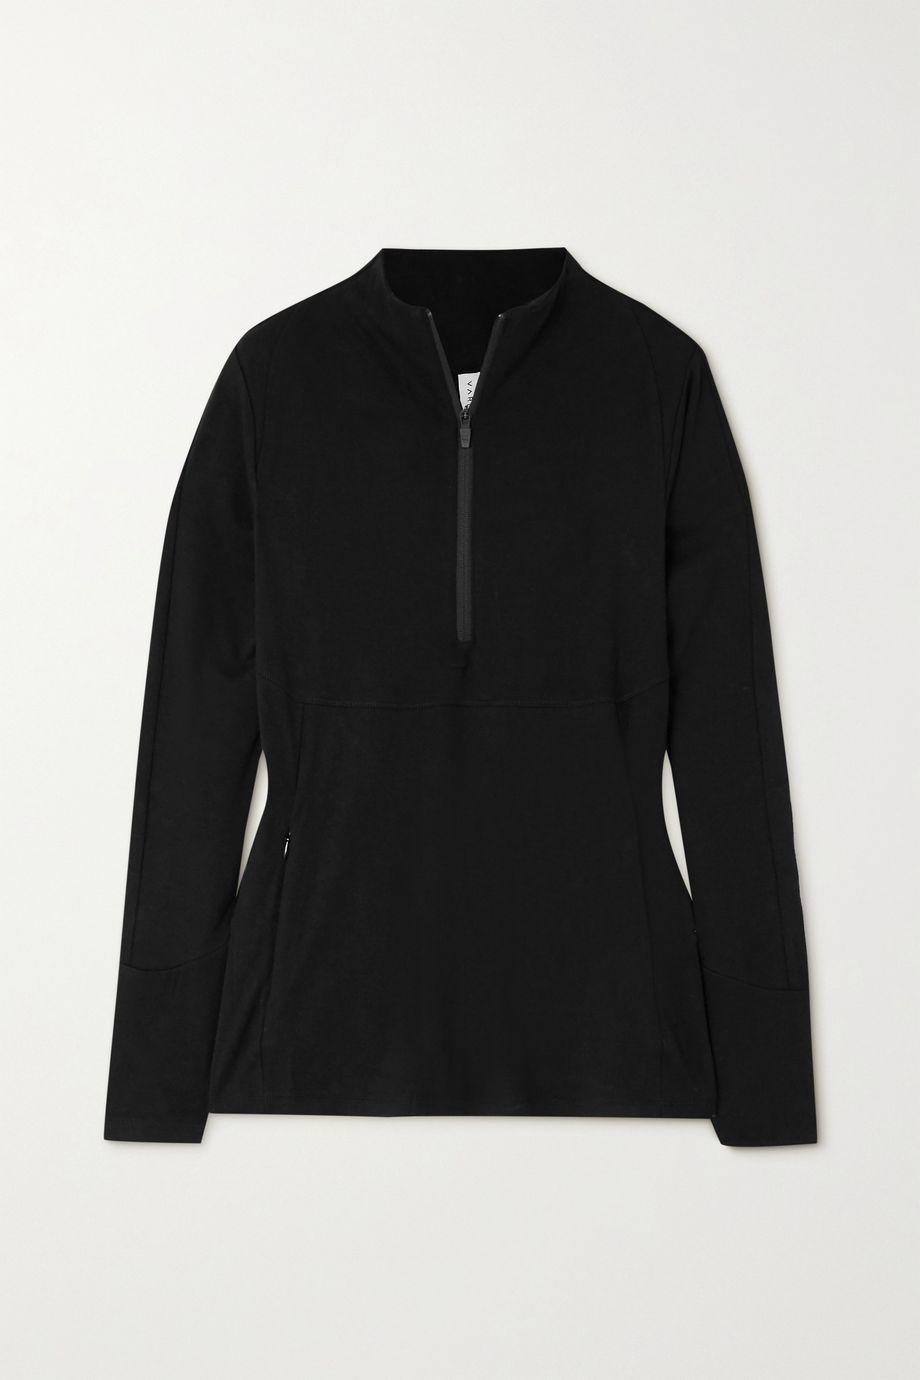 Varley Formosa Sweatshirt aus Stretch-Jersey